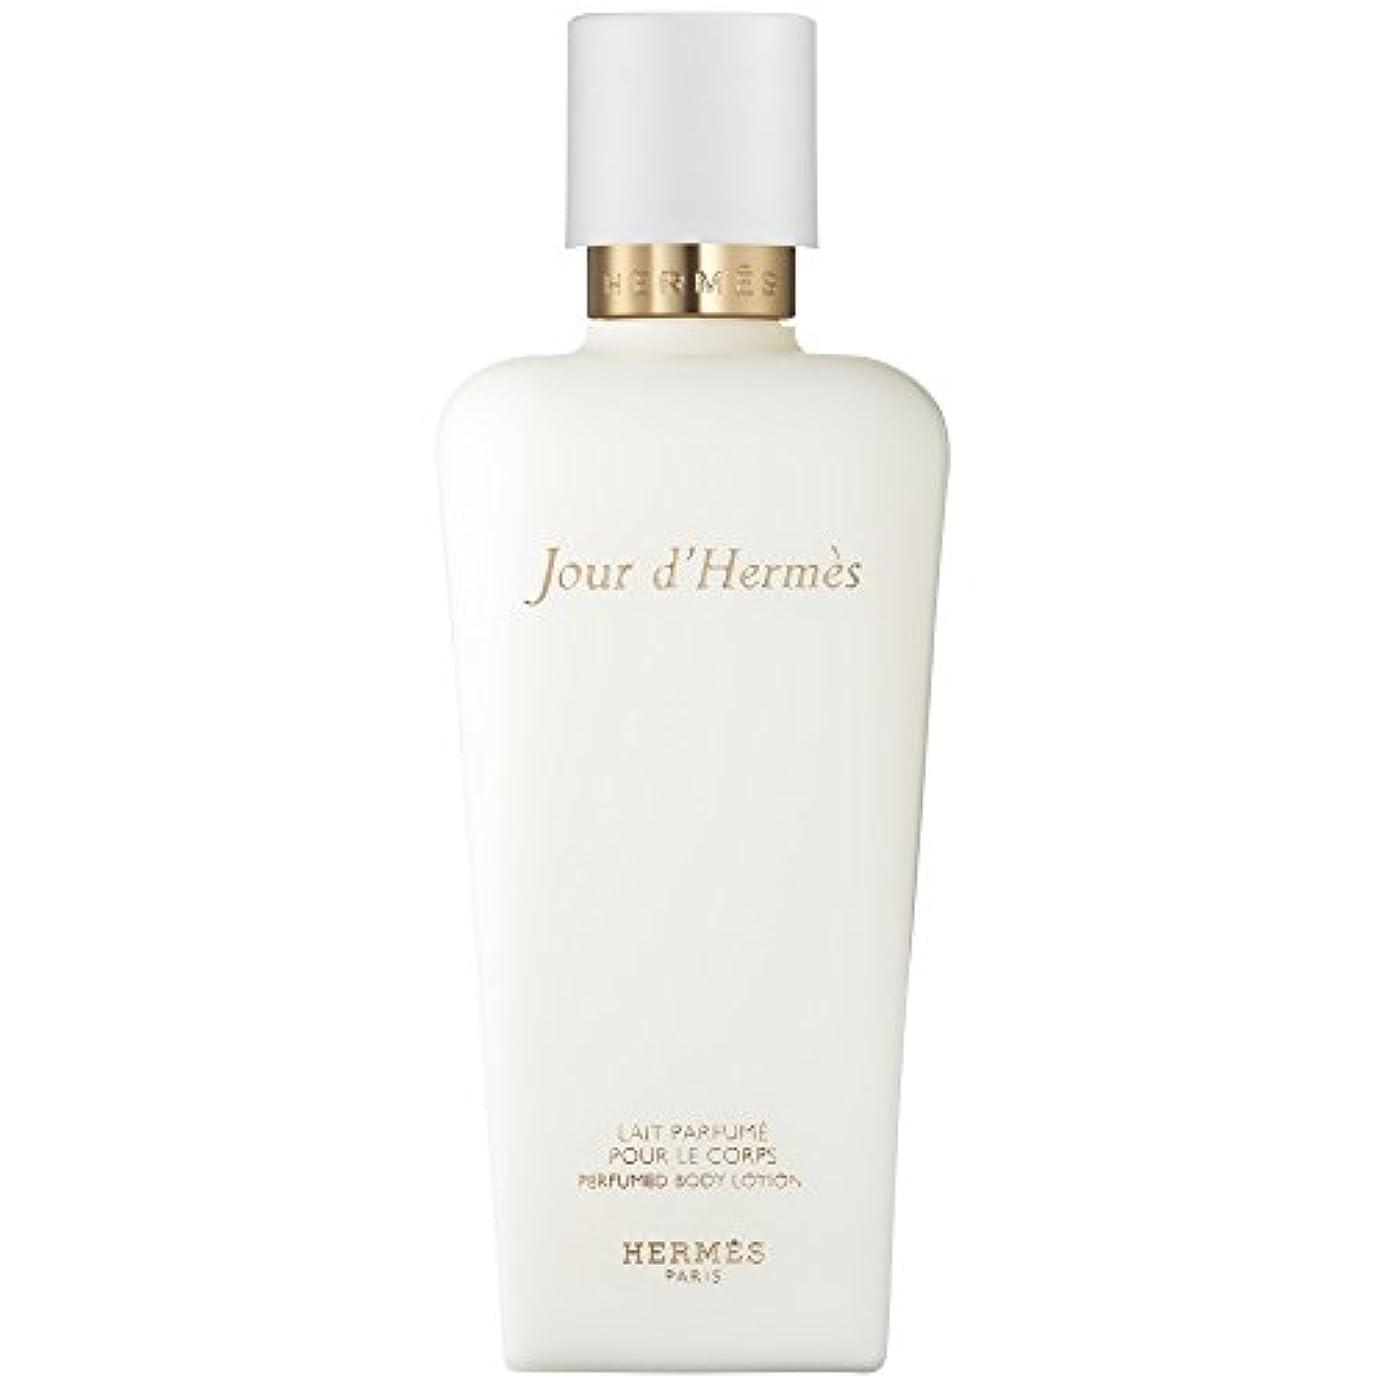 ランデブースリップオークションエルメスJourのドールエルメス賦香ボディローション200ミリリットル (HERM?S) (x2) - HERM?S Jour d'Herm?s Perfumed Body Lotion 200ml (Pack of 2) [並行輸入品]